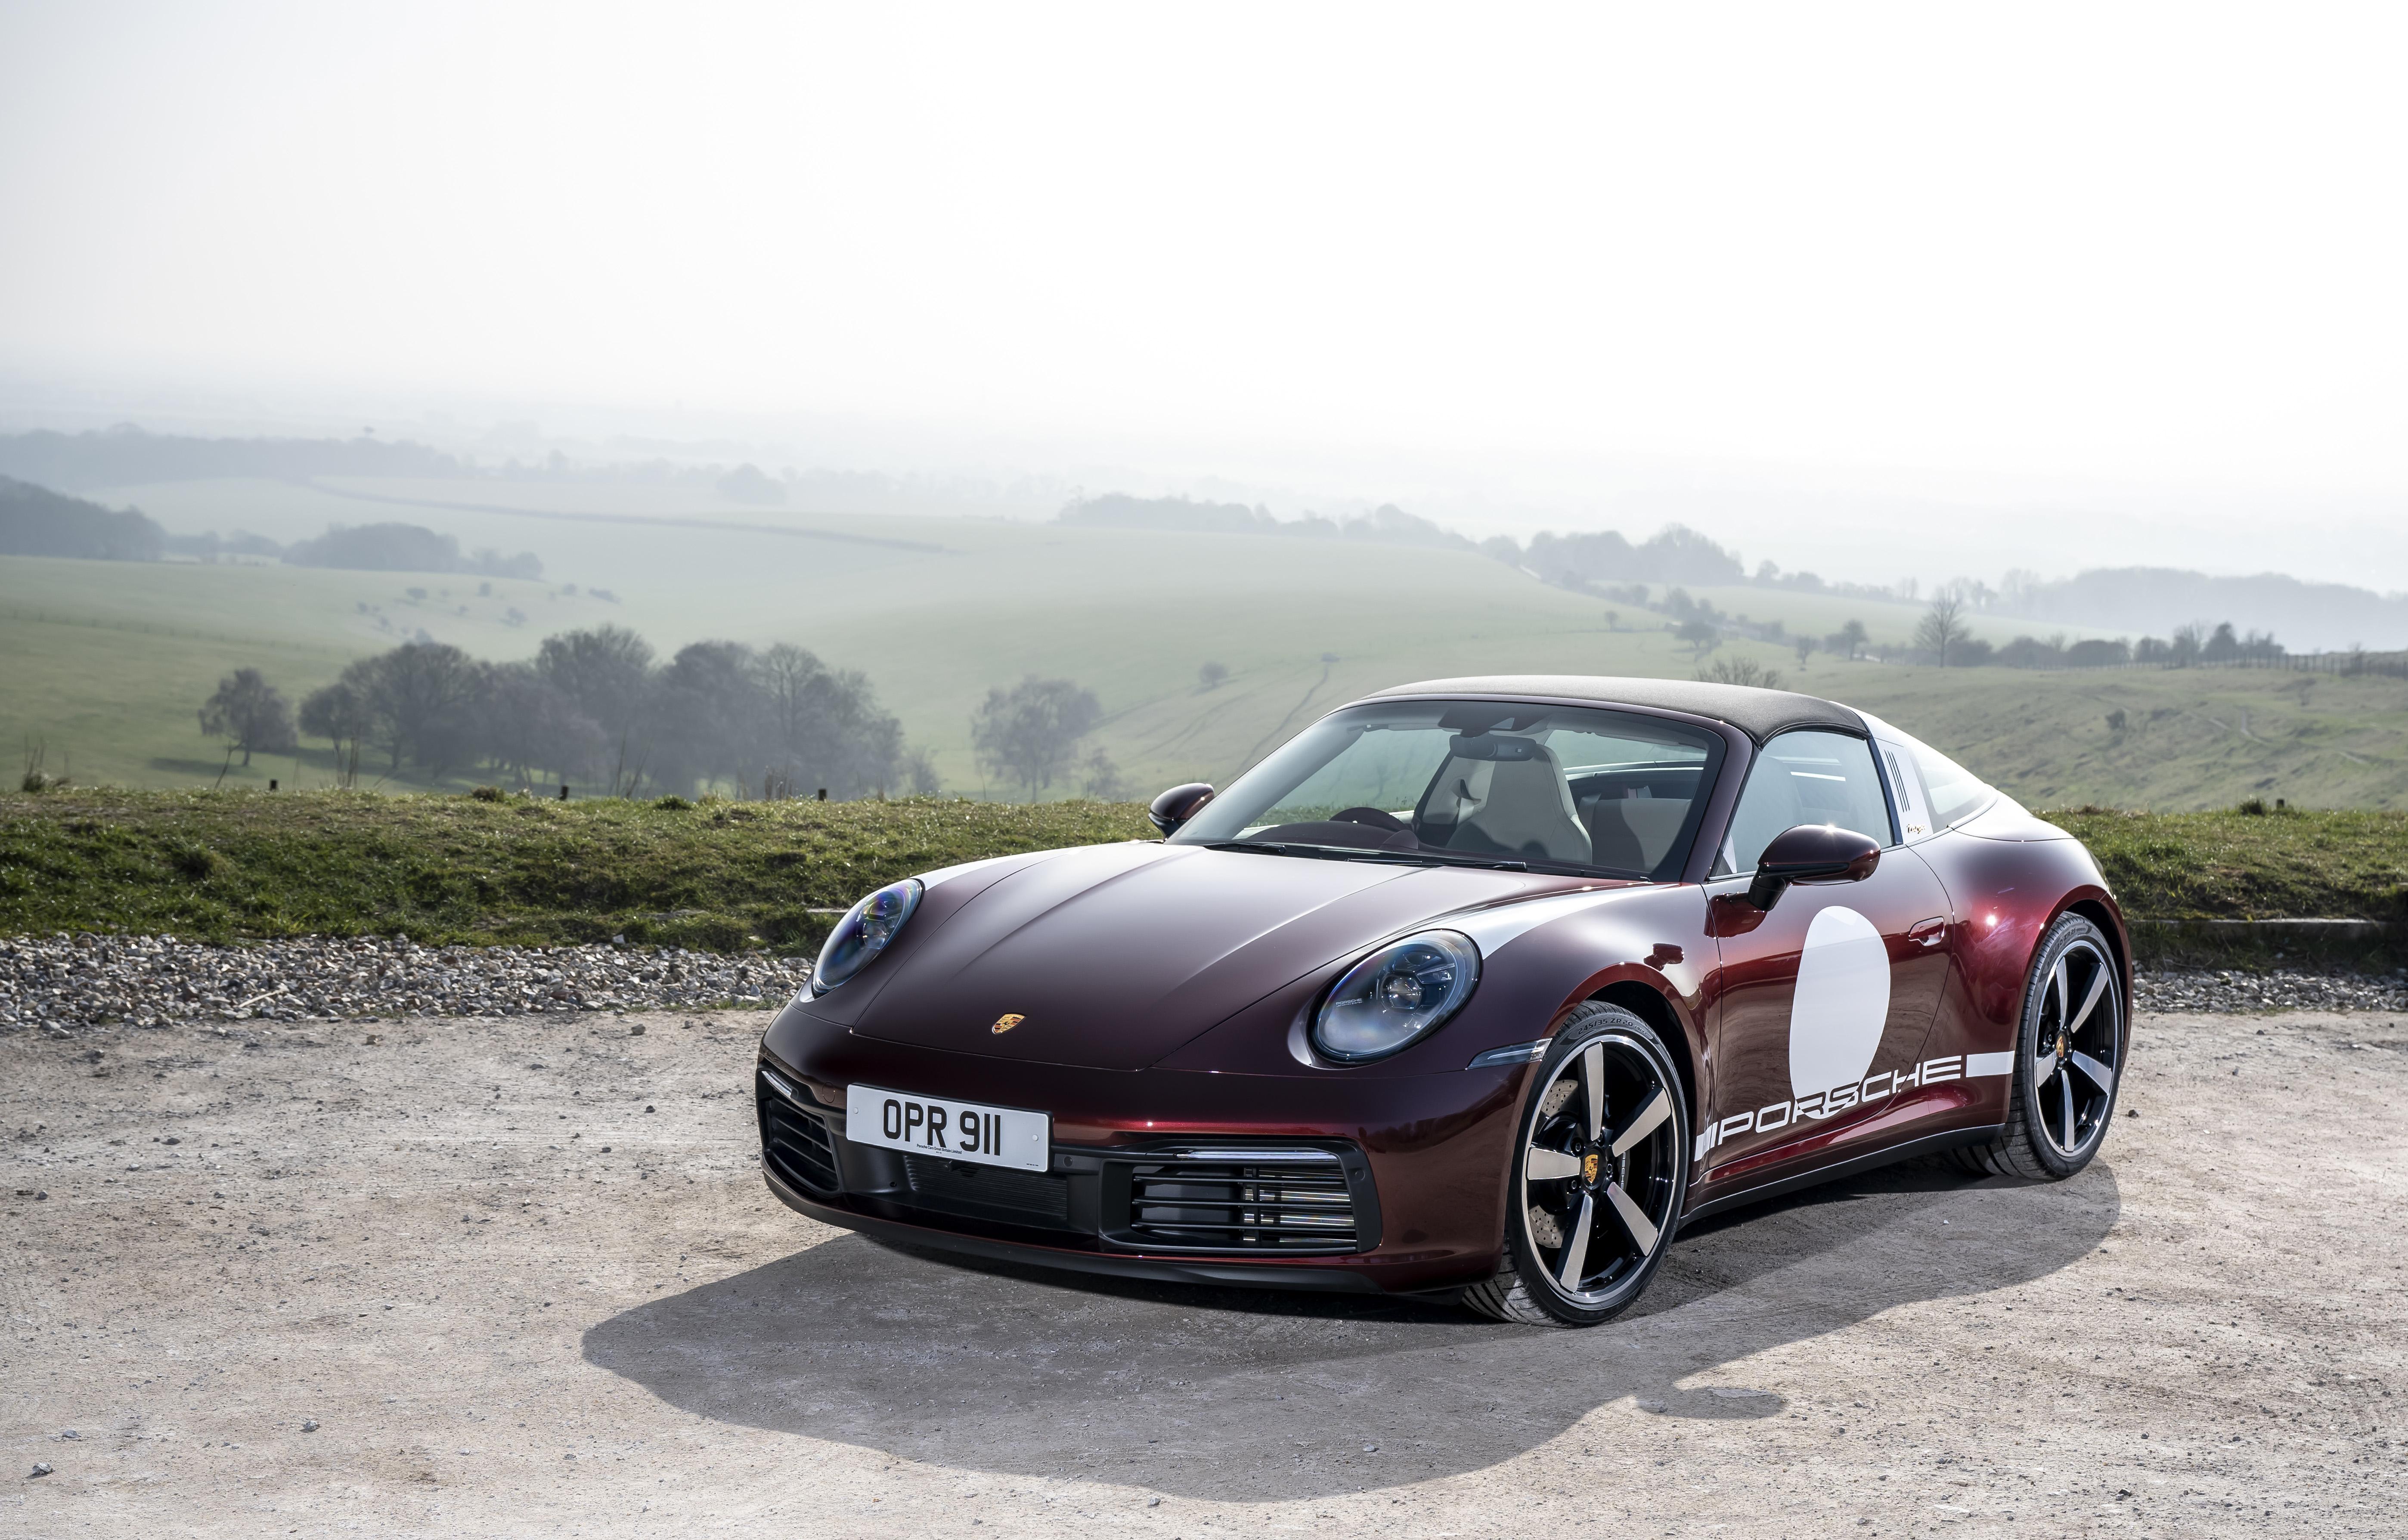 porsche 911 targa 4s 2021 4k 1618921723 - Porsche 911 Targa 4S 2021 4k - Porsche 911 Targa 4S 2021 4k wallpapers